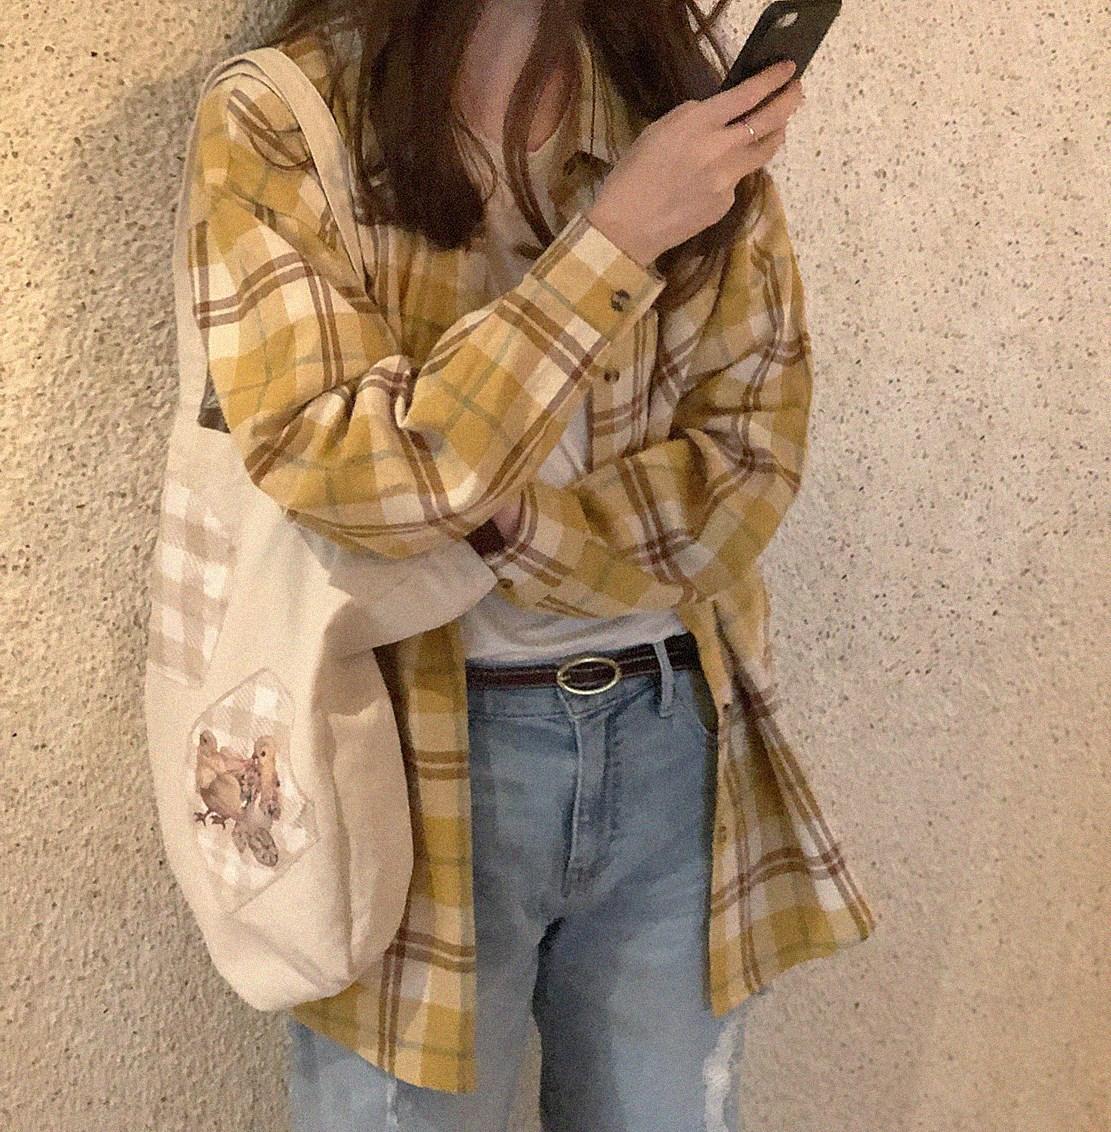 XIN 做旧磨毛 复古黄白 宽松格子衬衫(3)MWJ6ETD1ZW